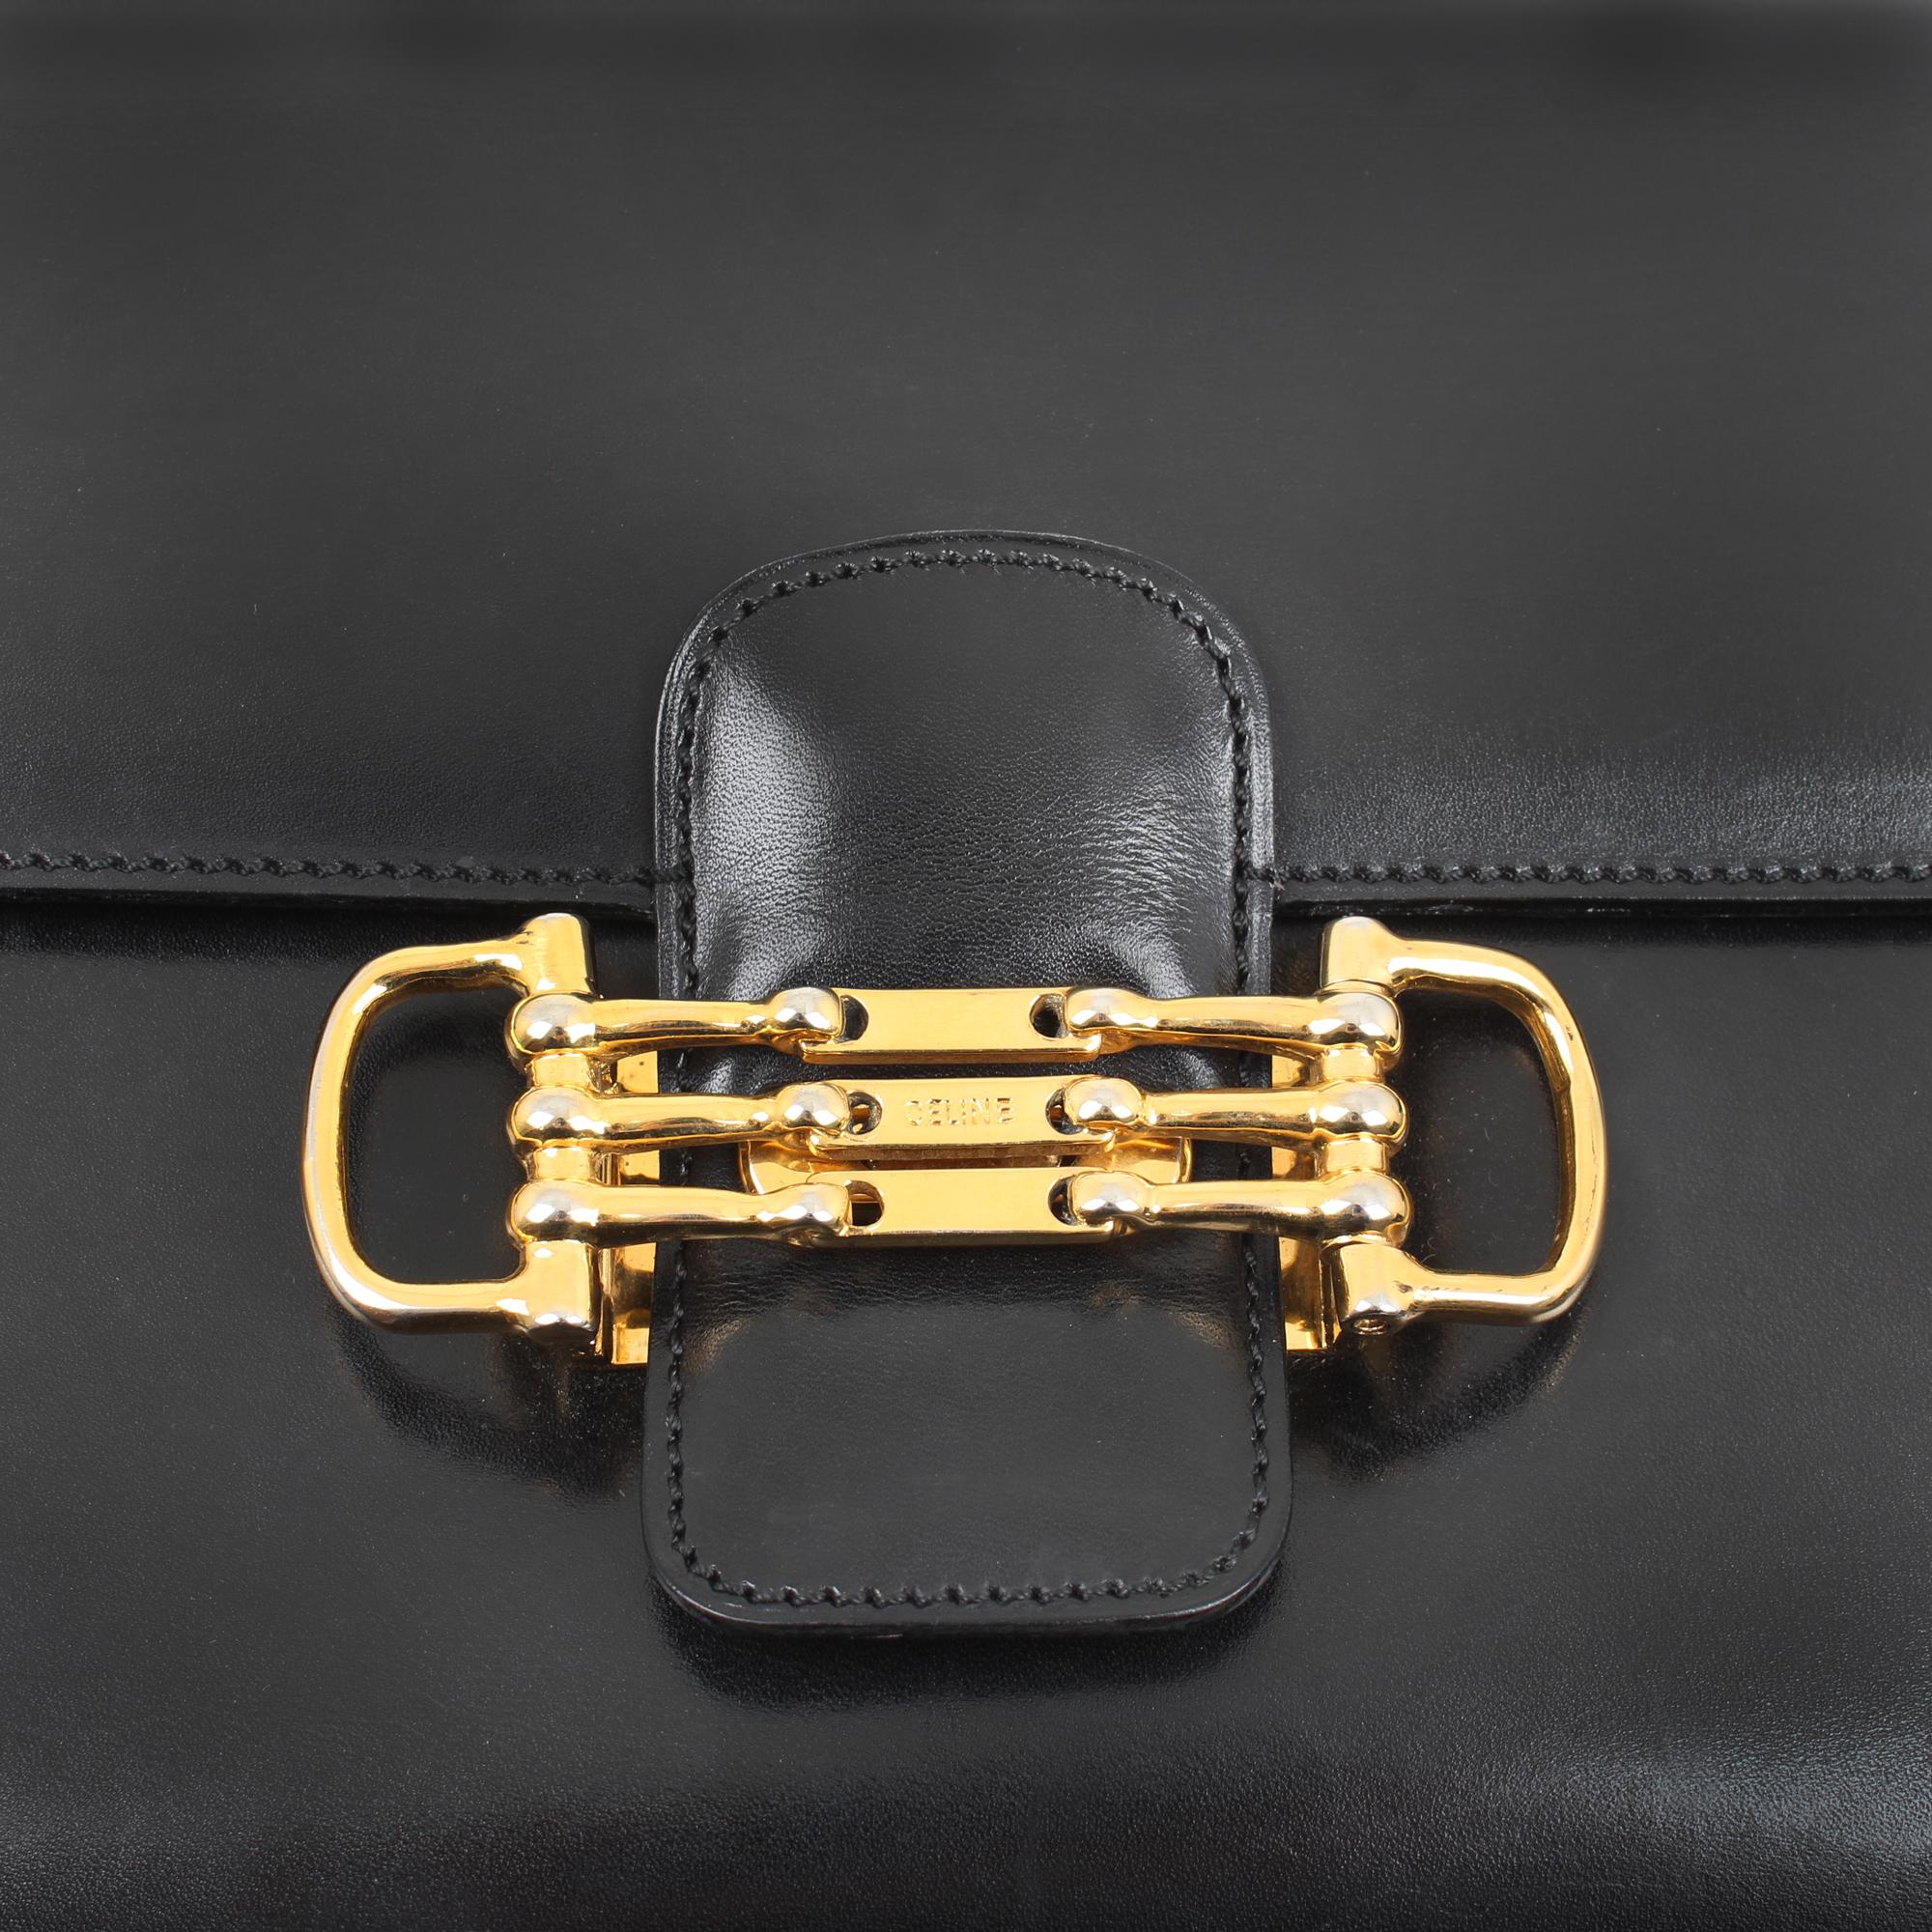 Image of the hardware of celine box vintage shoulder bag